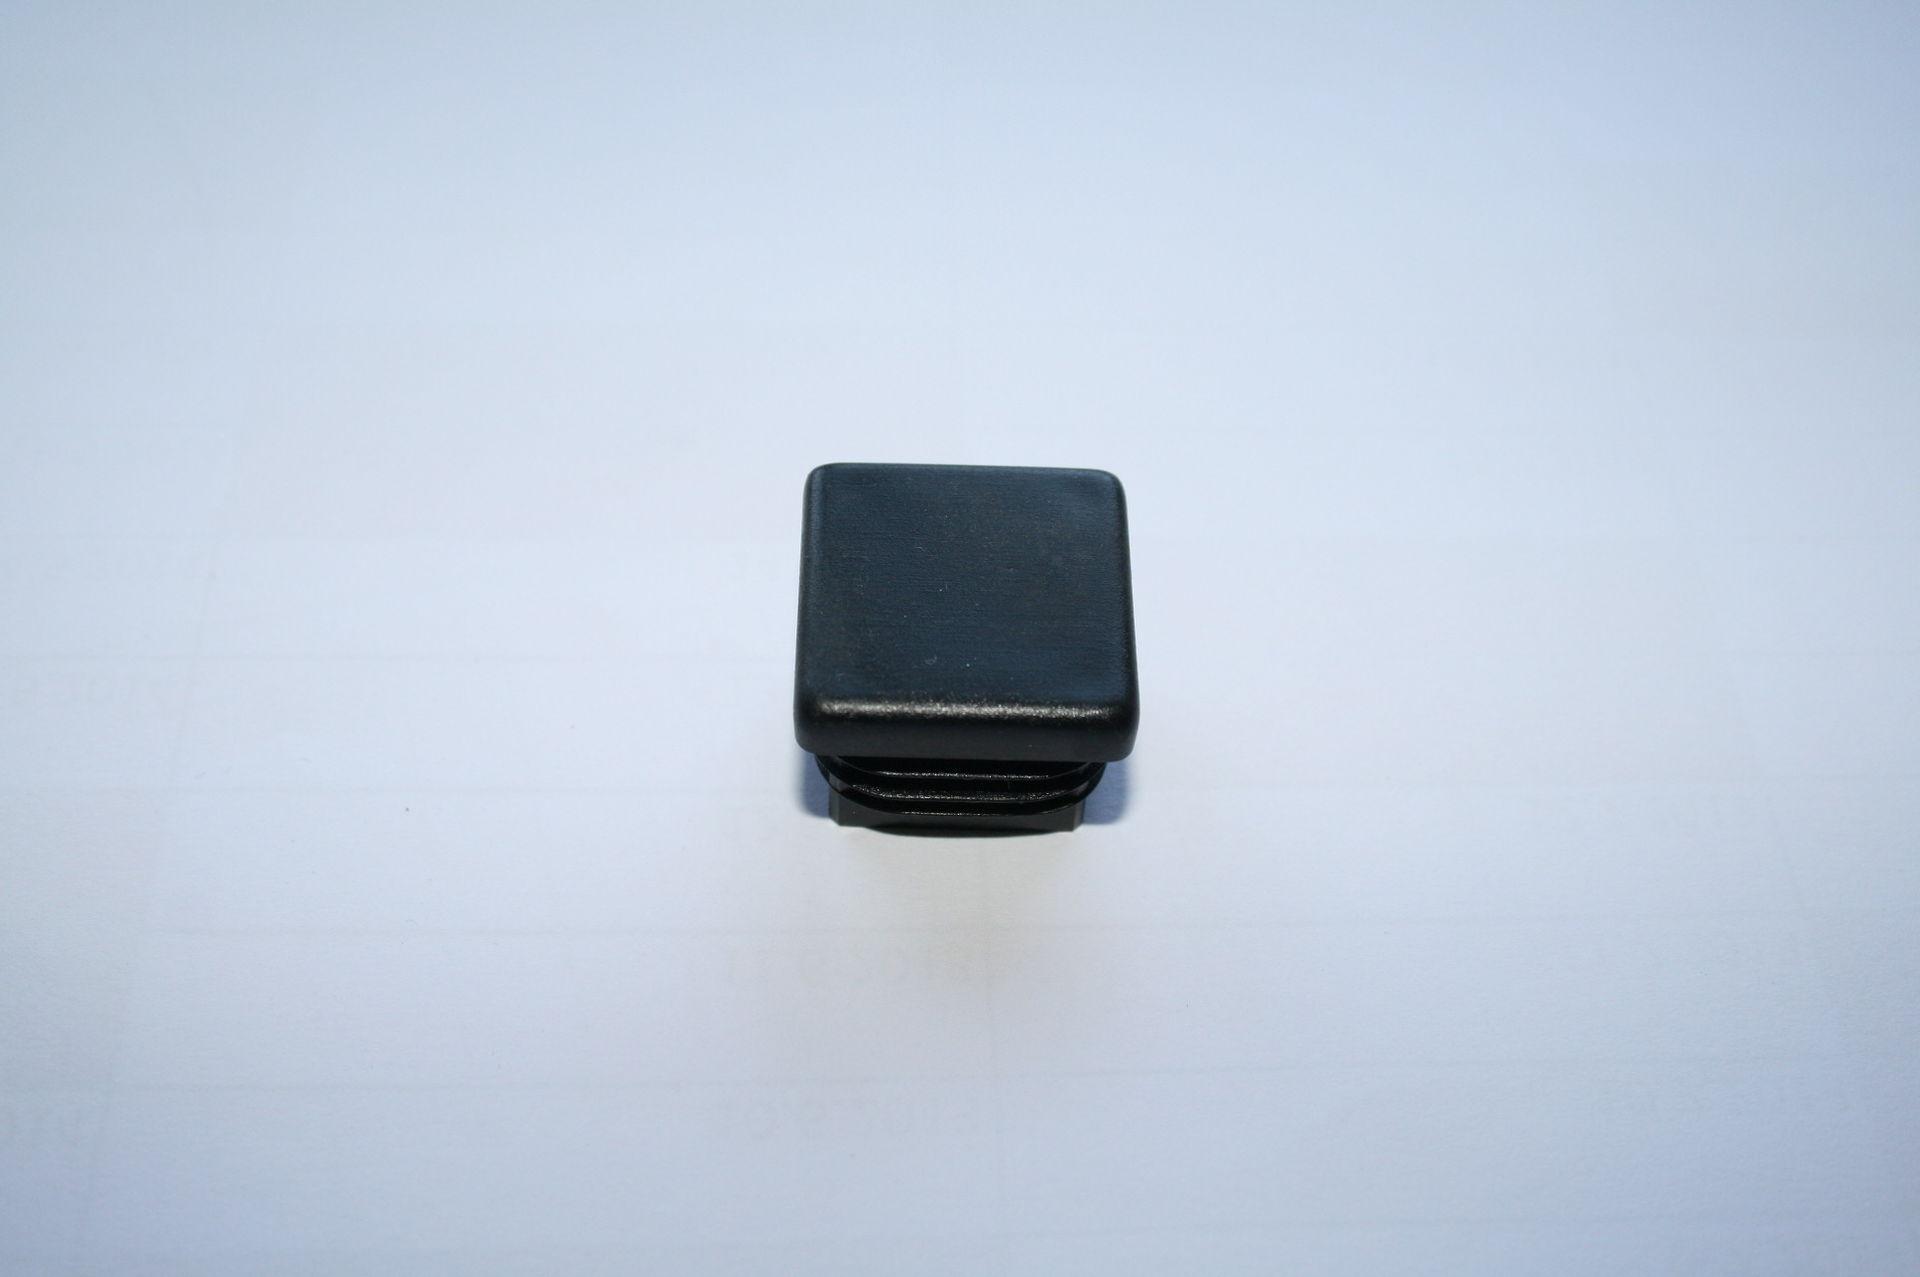 Záslepka černá 25x25 mm